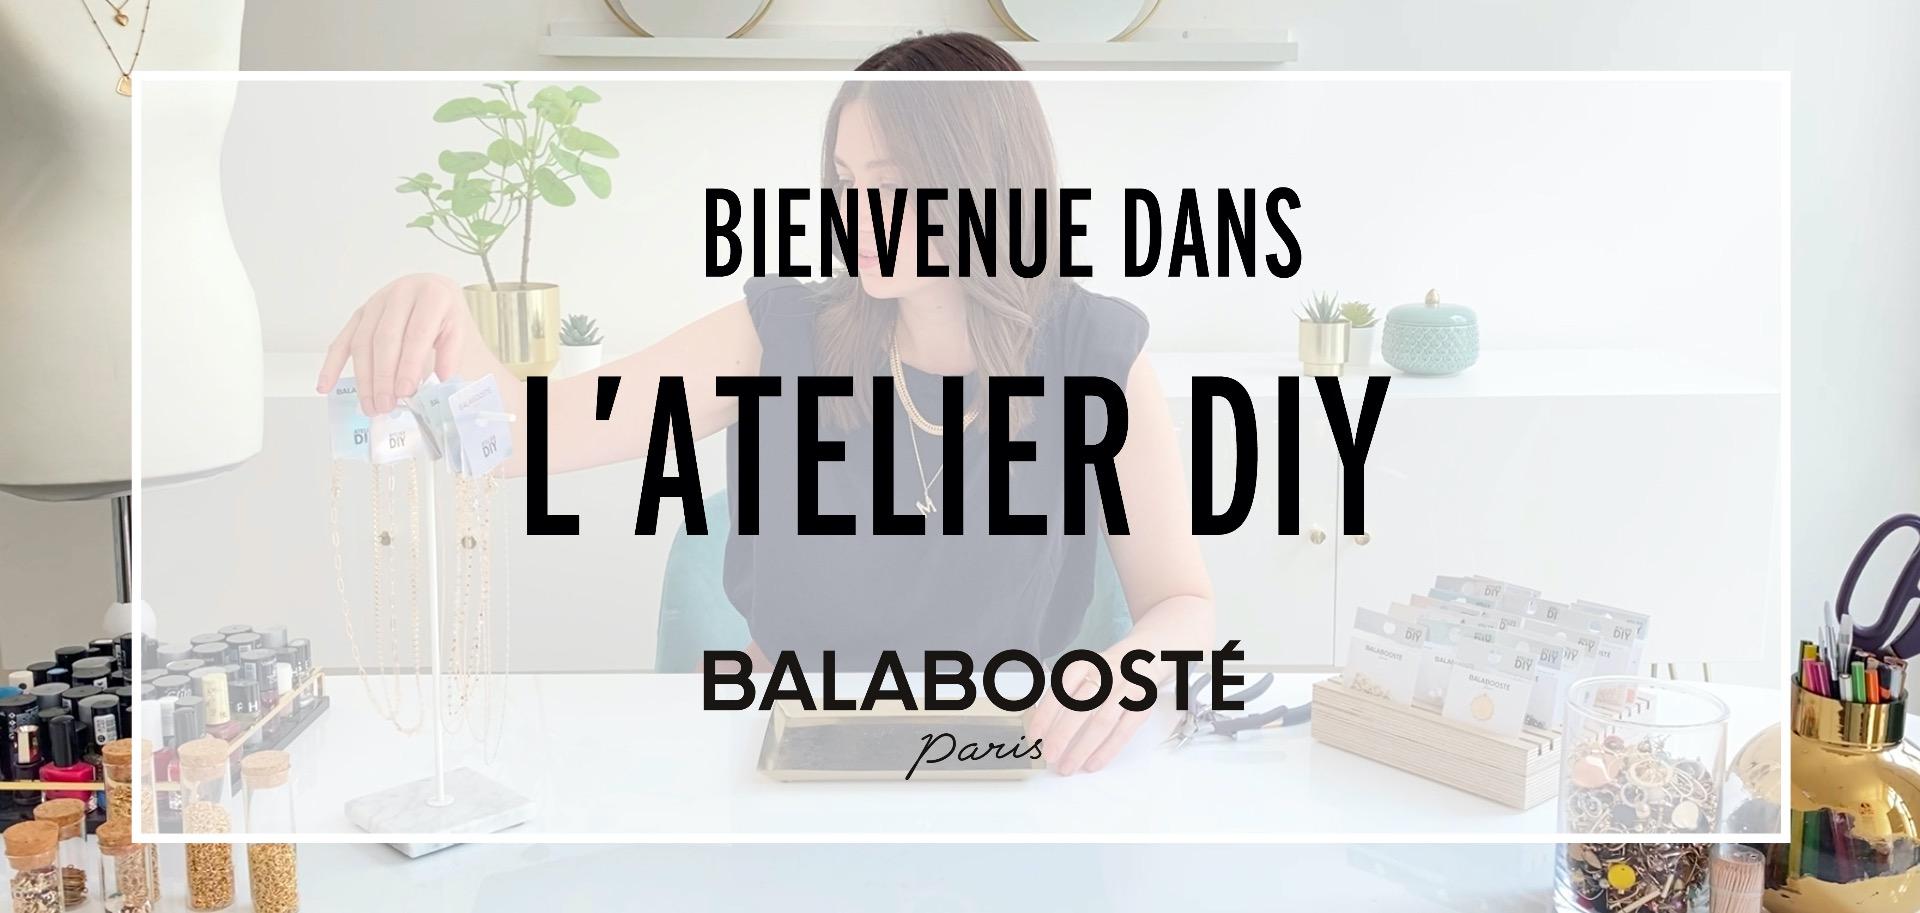 Bienvenue dans l'Atelier DIY Balaboosté !